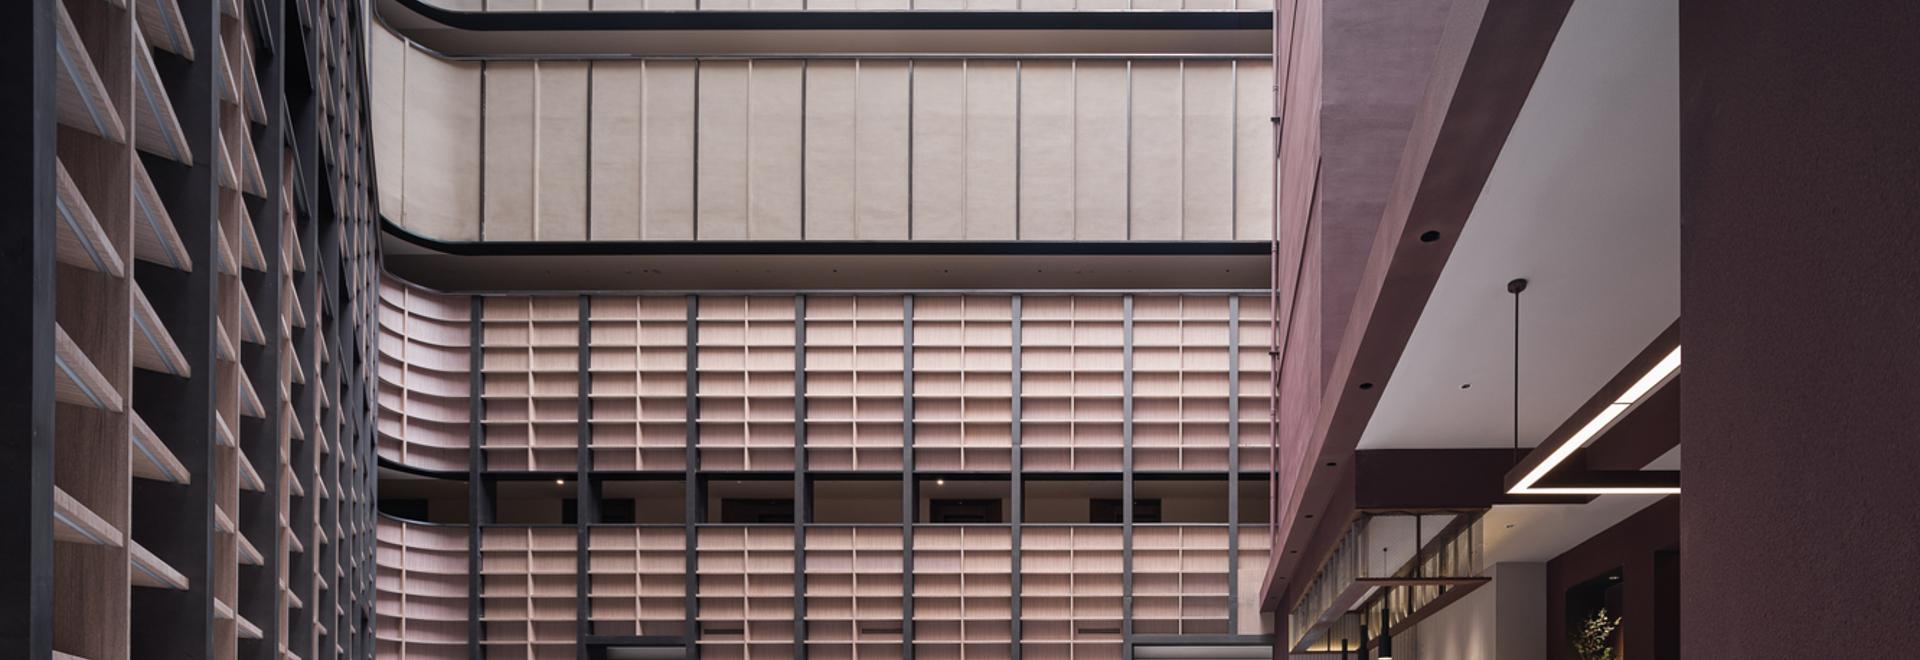 Atour S Hotel / BEHIVE Architetti